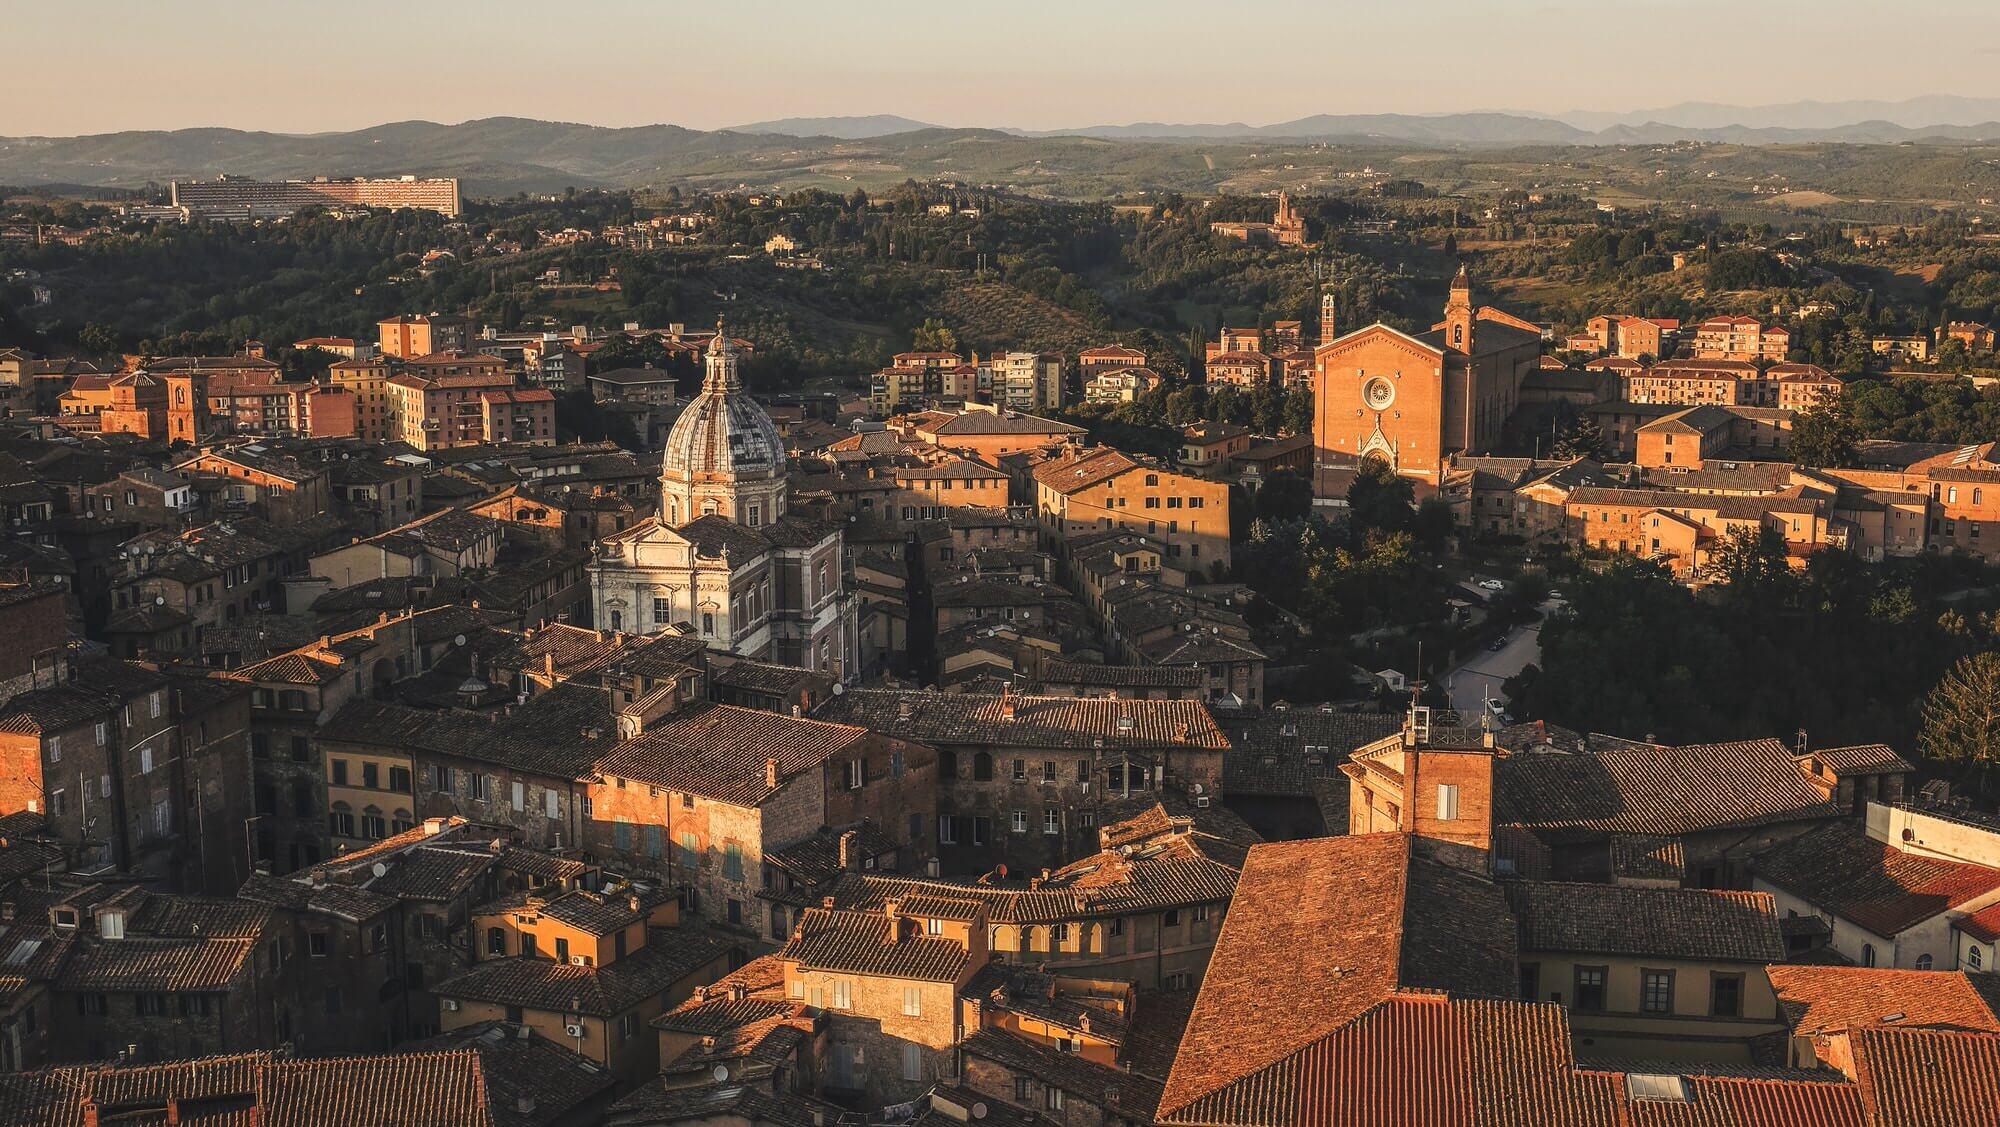 Bruidsfotograaf voor een trouwerij in Siena